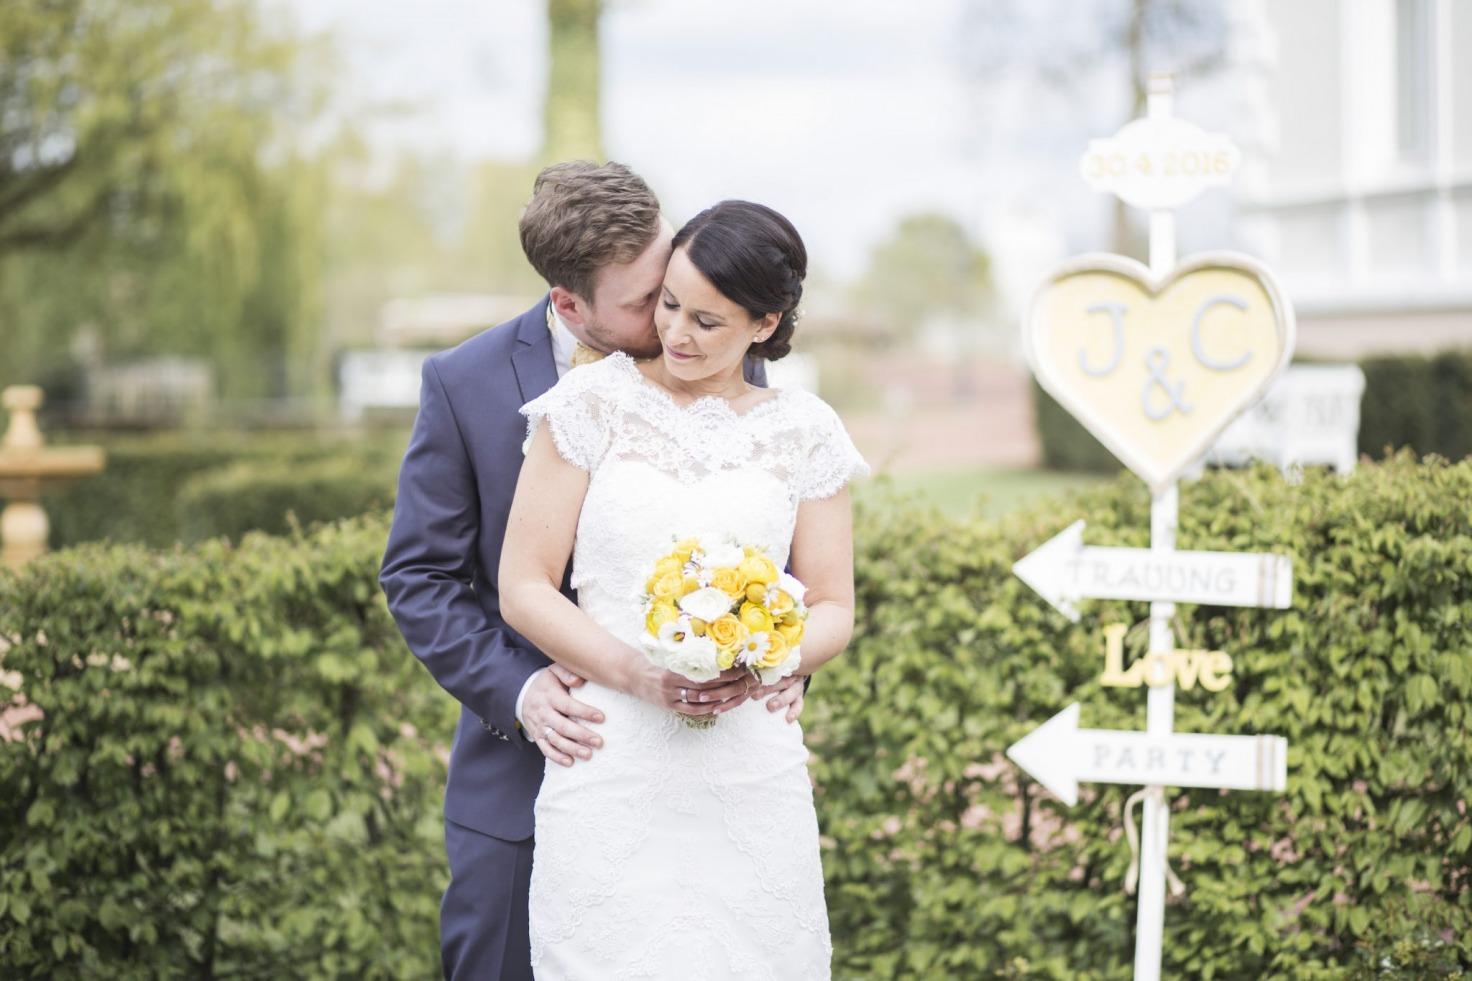 Hochzeit von Jannine und Christian in Münster: Bräutigam flüstert der Braut etwas ins Ohr